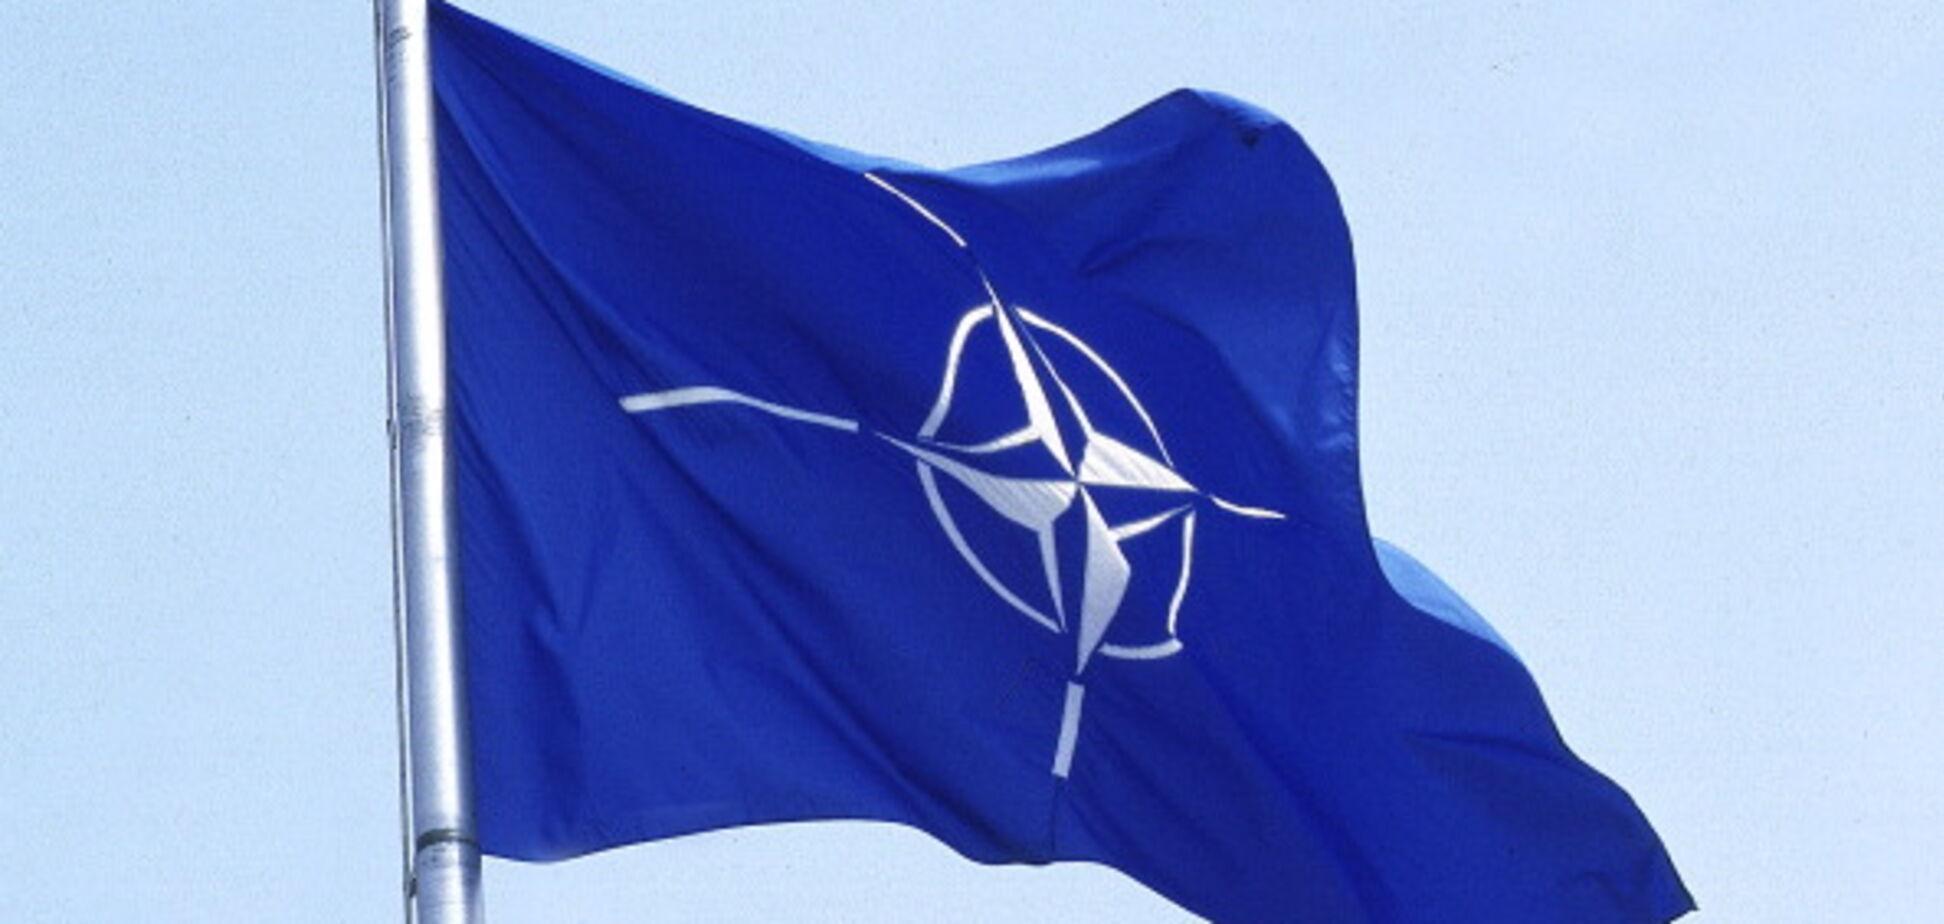 Пройдите трехступенчатый тест: на YES пояснили, почему НАТО откажет Украине